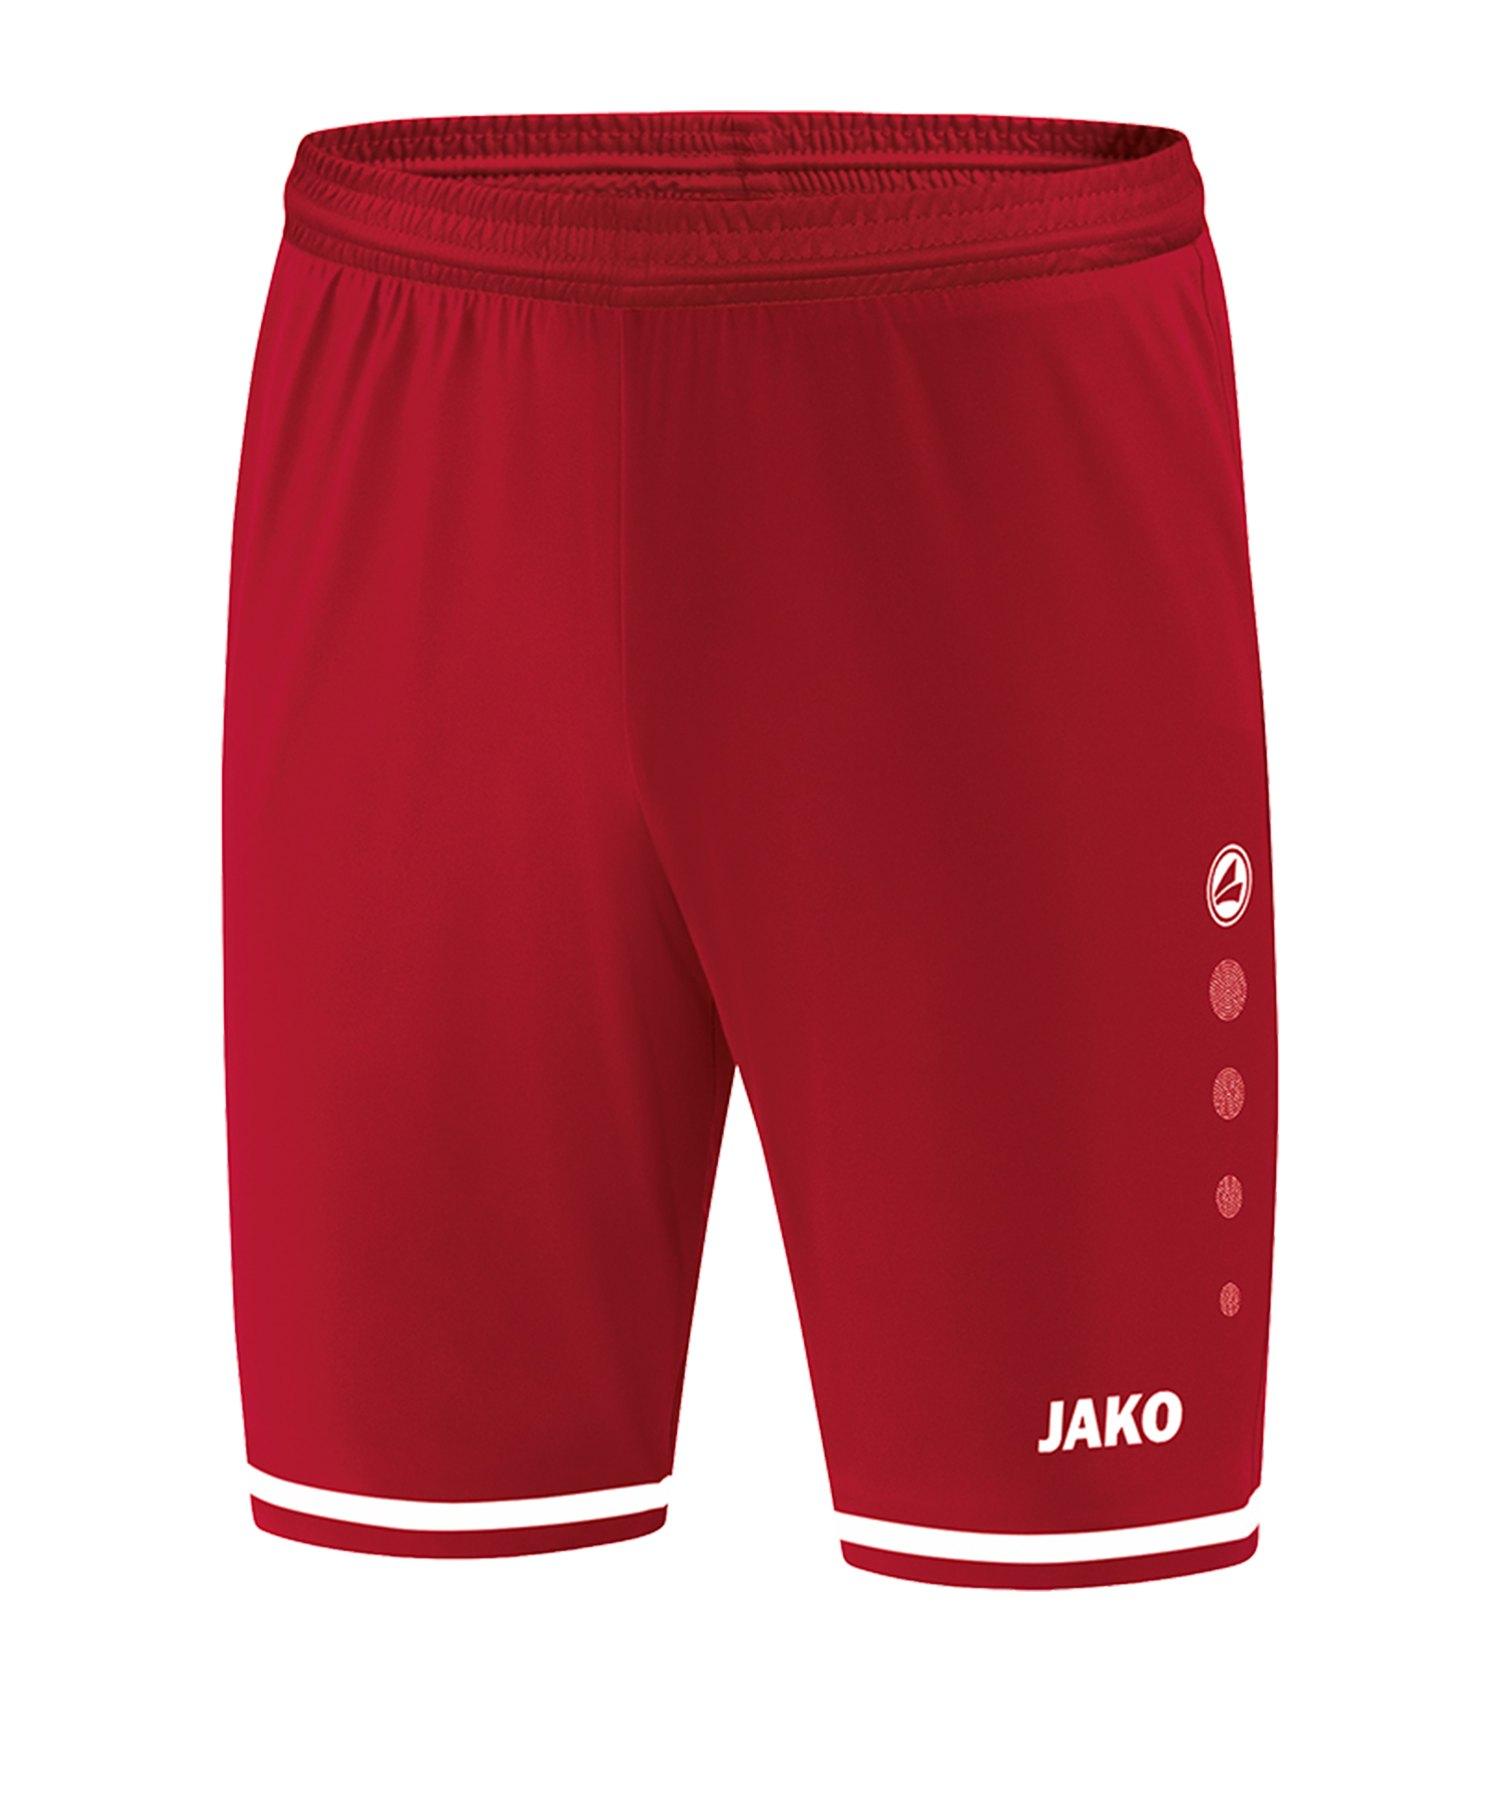 Jako Striker 2.0 Short Hose kurz Rot Weiss F11 - Rot